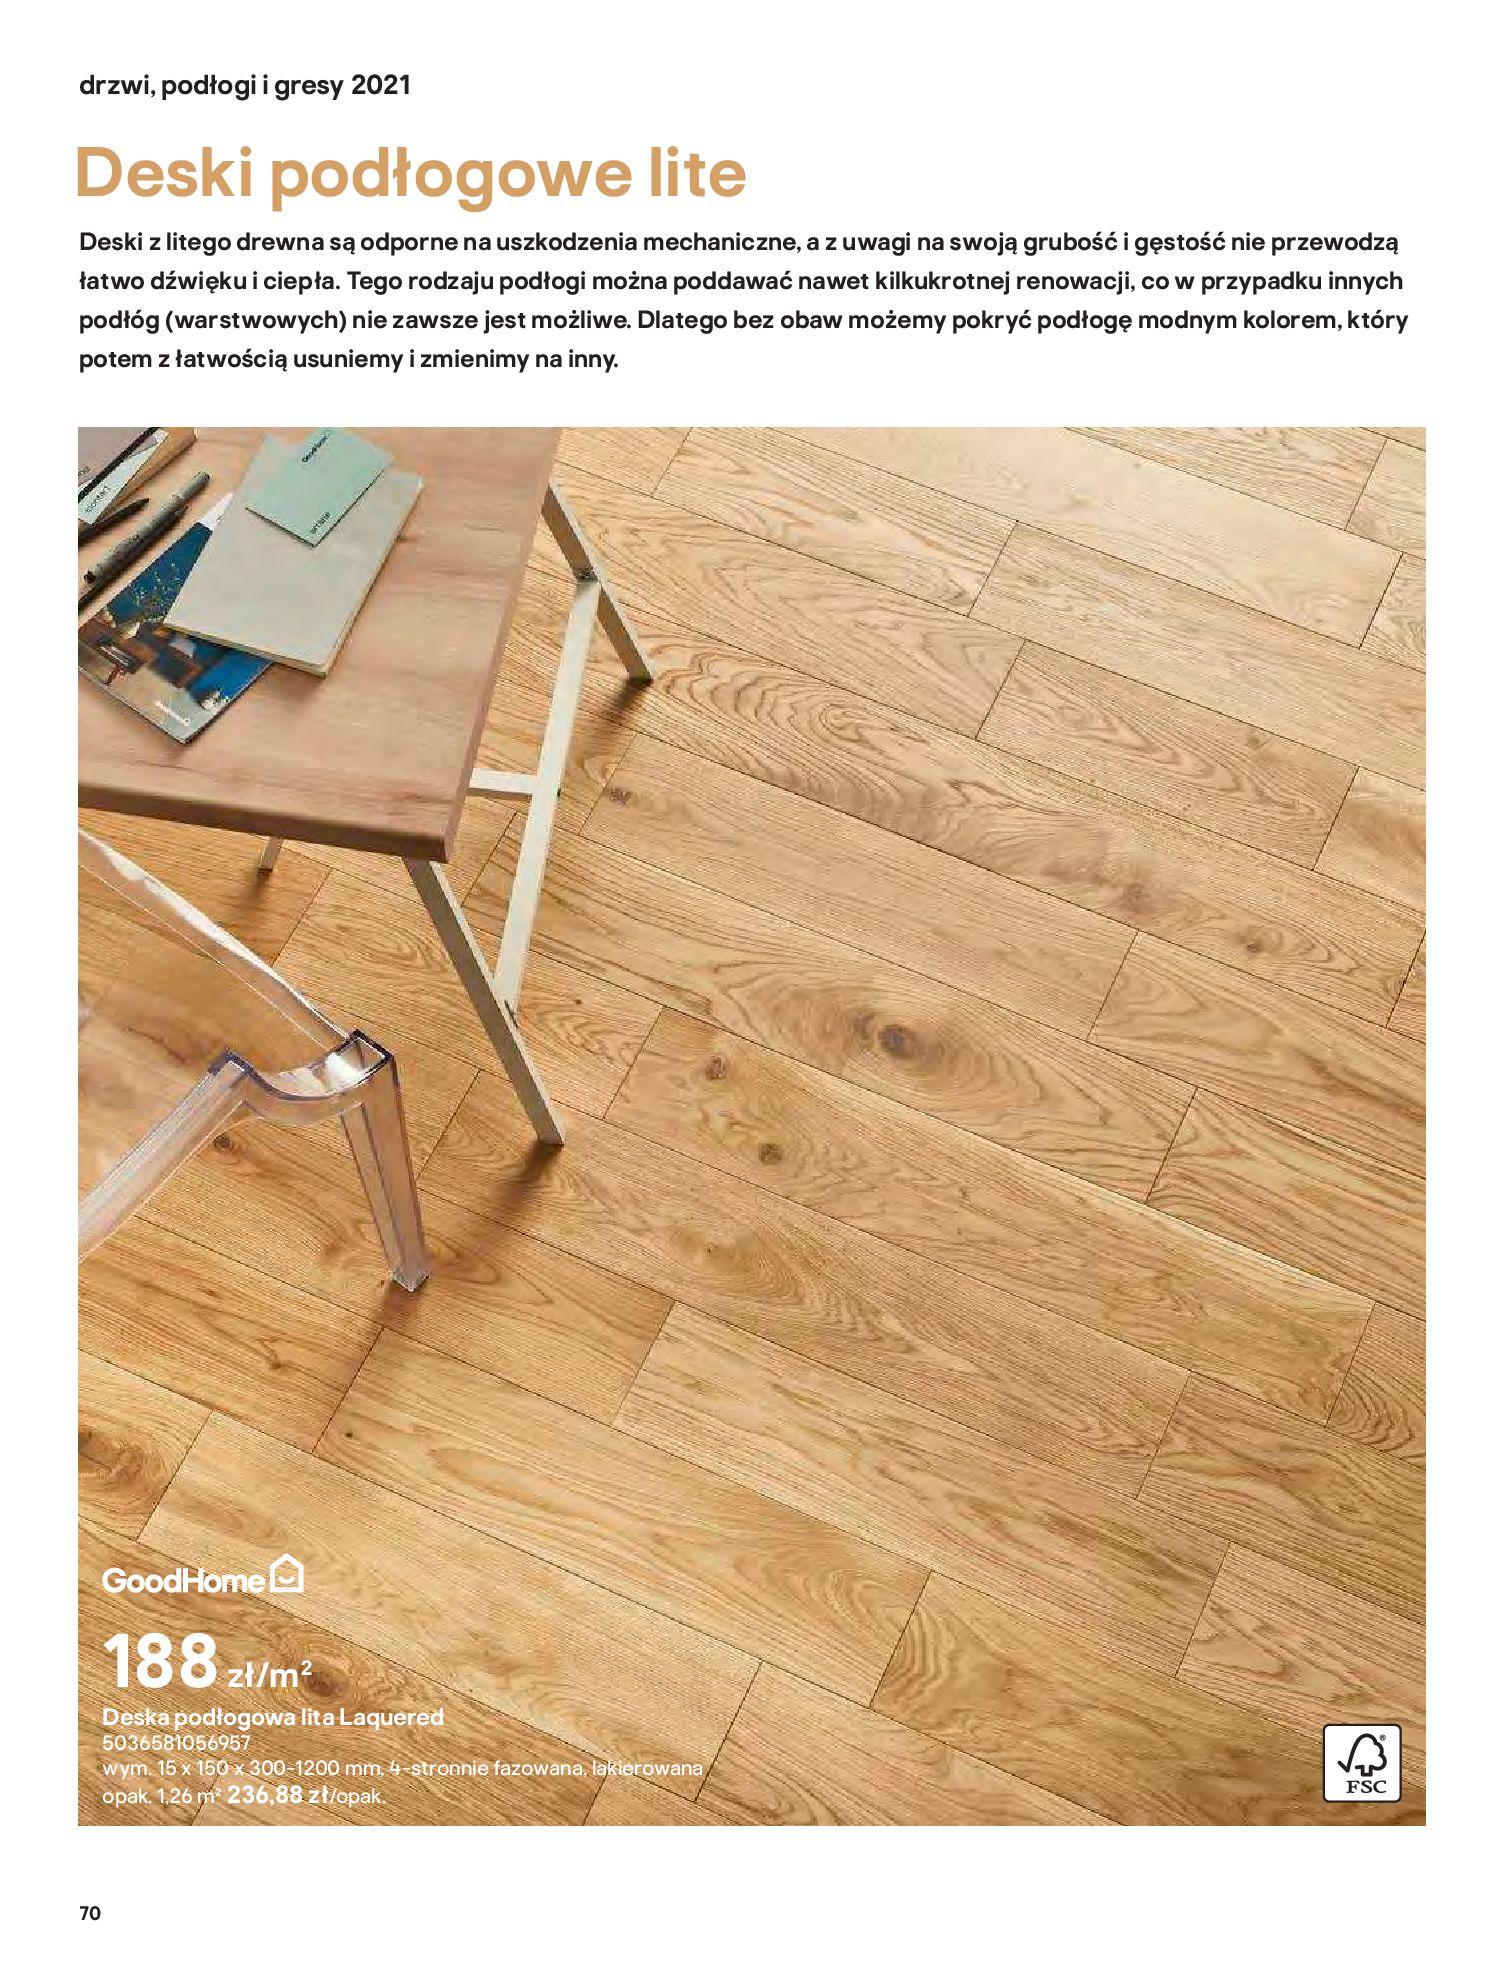 Gazetka Castorama: Gazetka Castorama - Przewodnik drzwi i podłogi 2021 2021-08-11 page-70